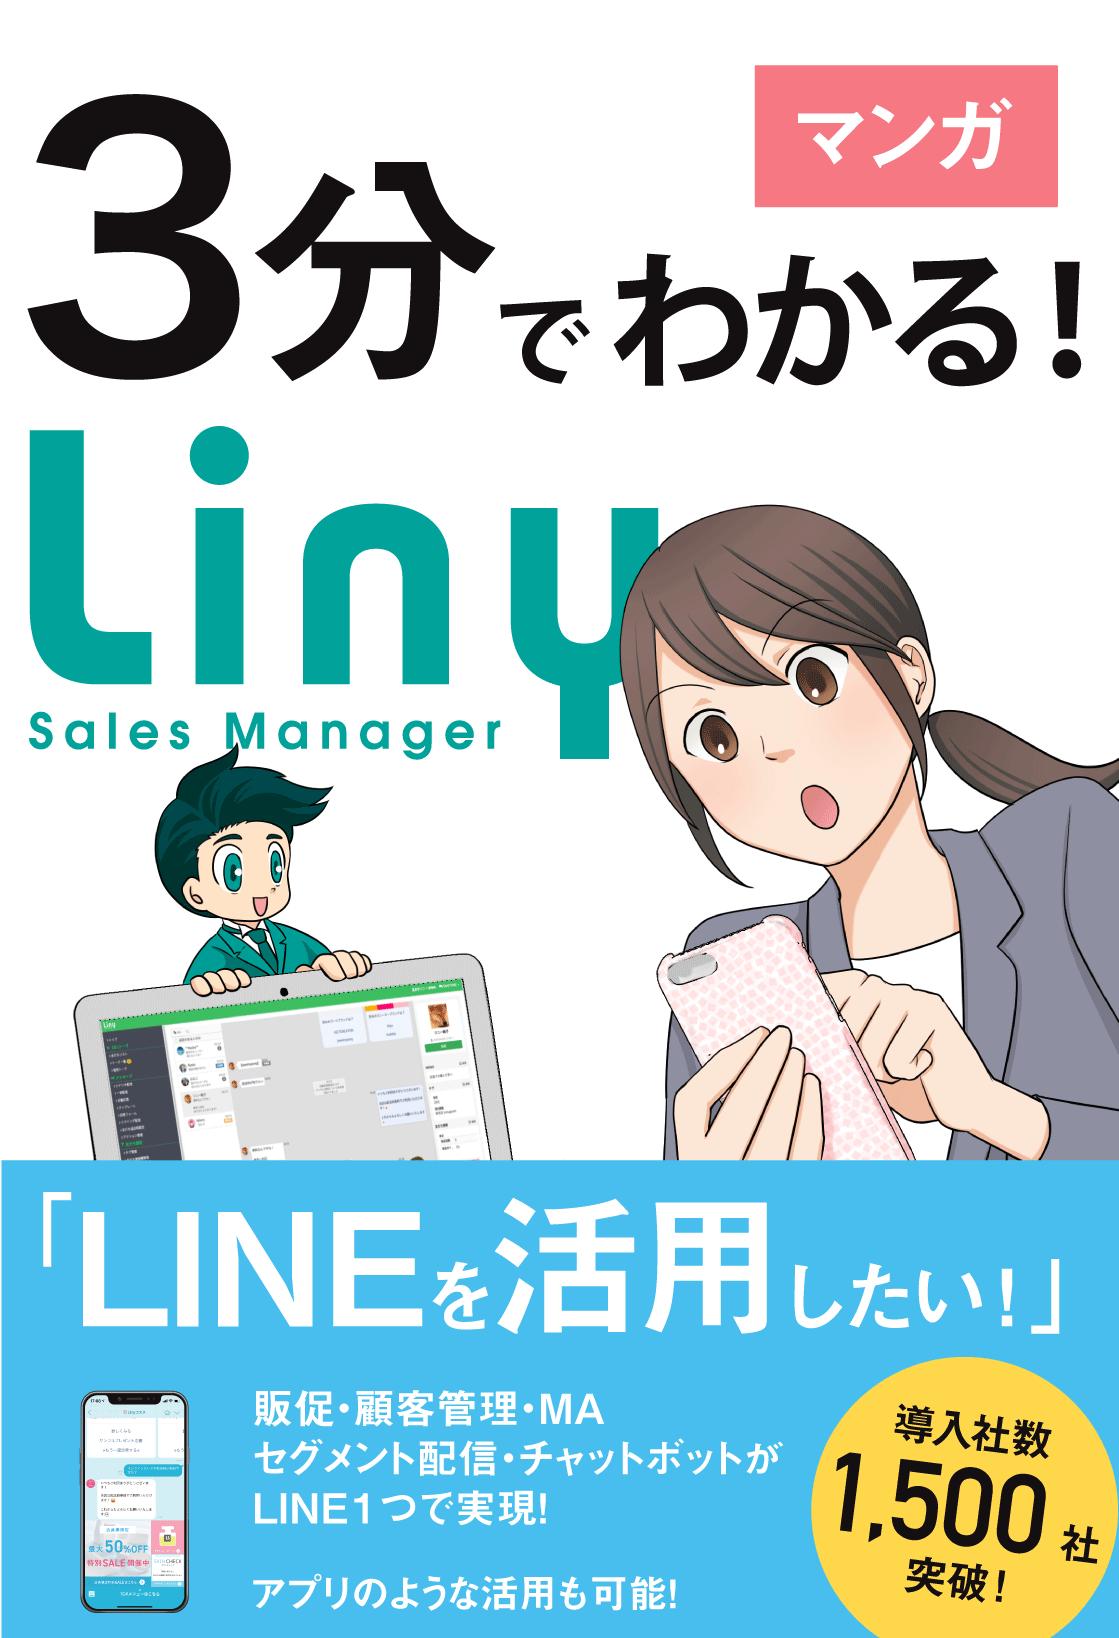 【マンガ】3分でわかるLiny!